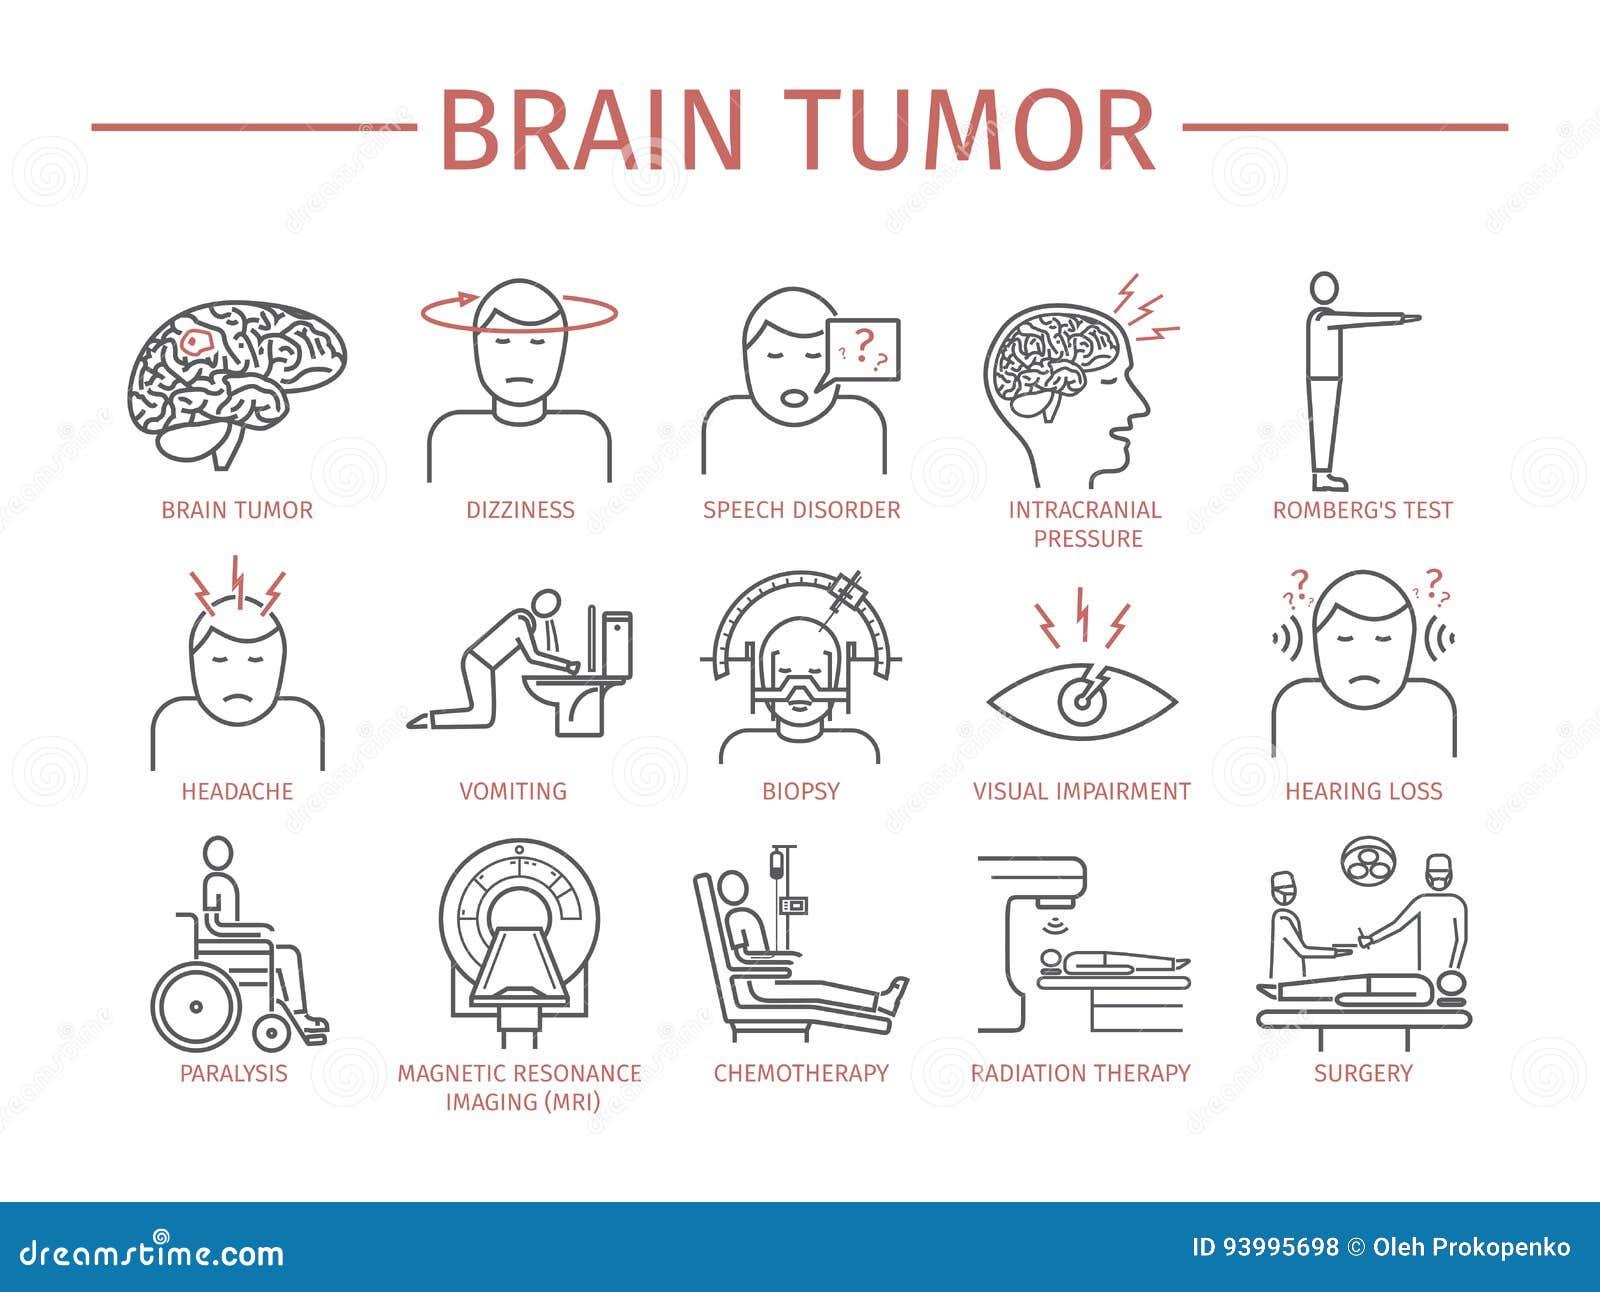 brain tumor cancer symptoms